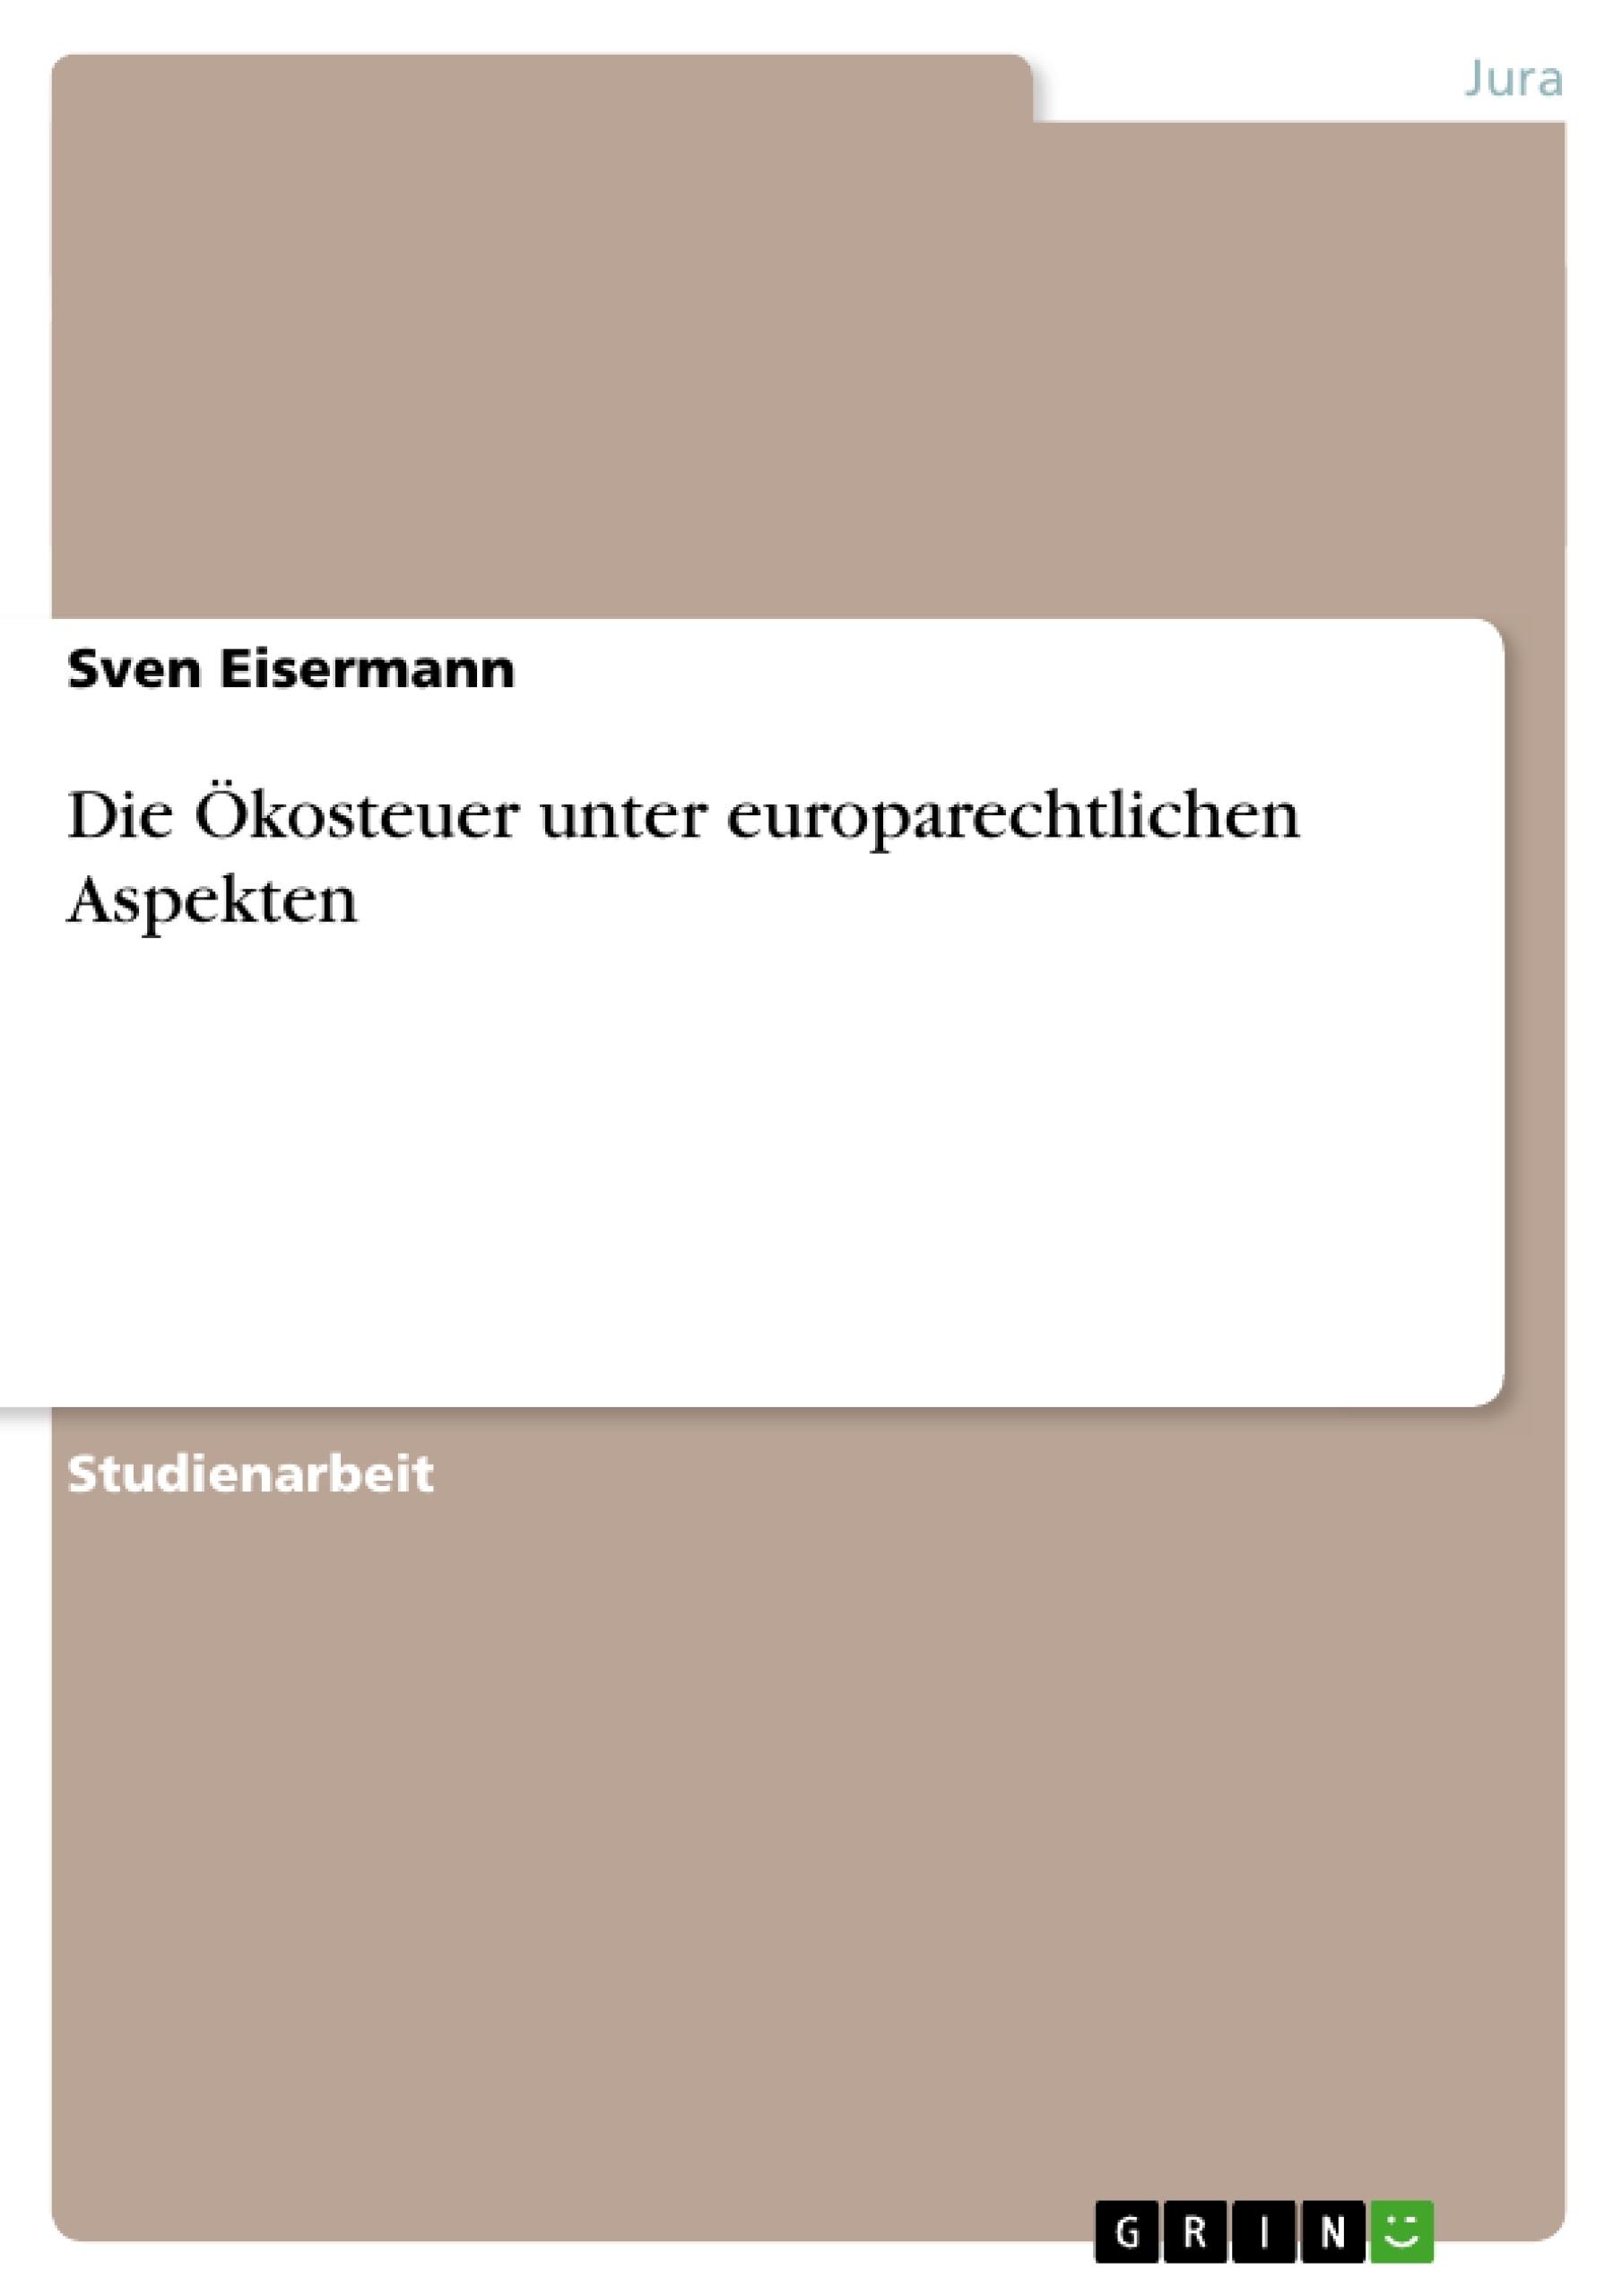 Titel: Die Ökosteuer unter europarechtlichen Aspekten